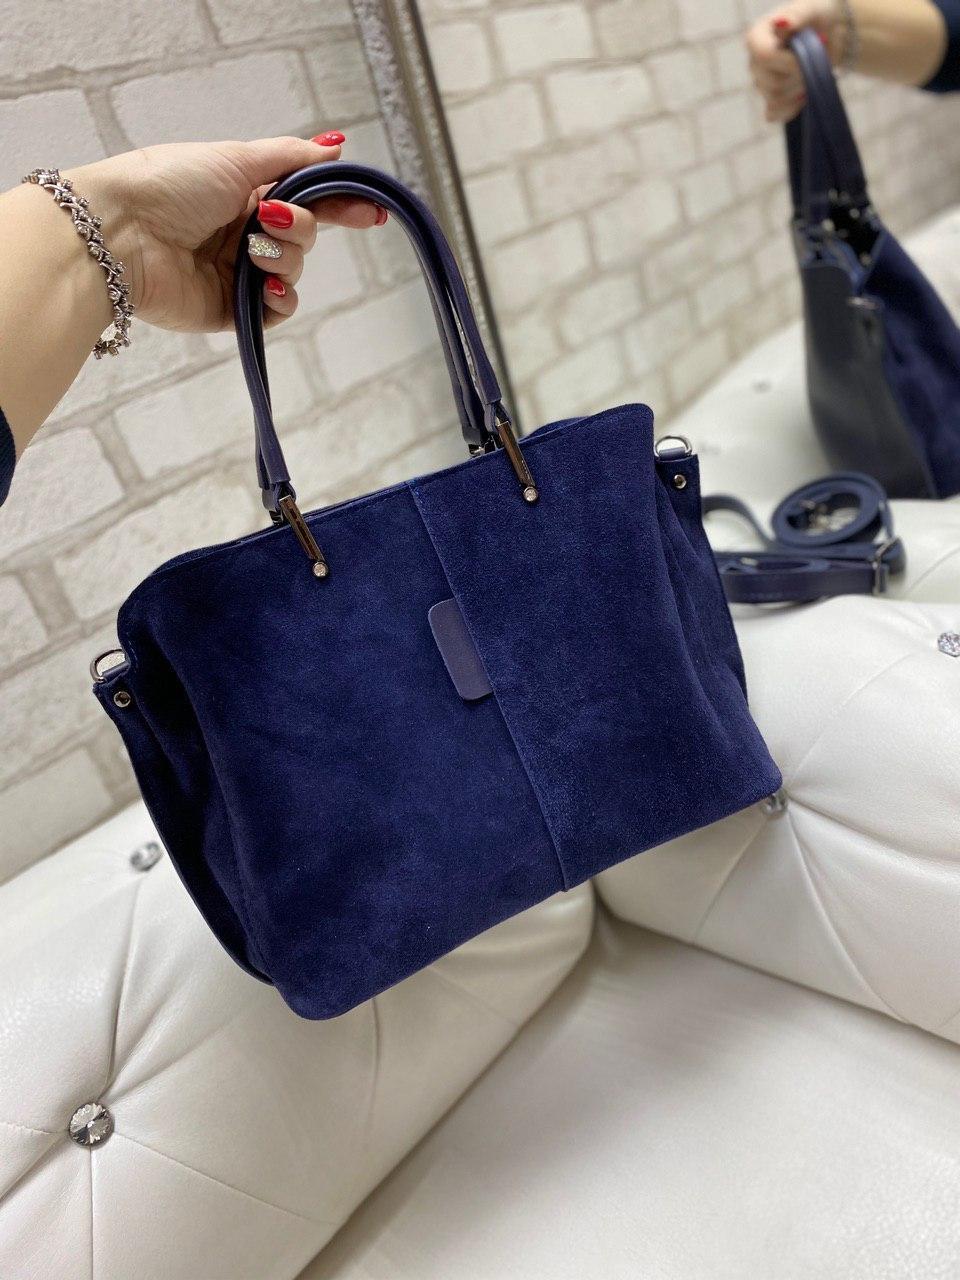 Женская замшевая сумка вместительная классическая на плечо синяя замша+экокожа